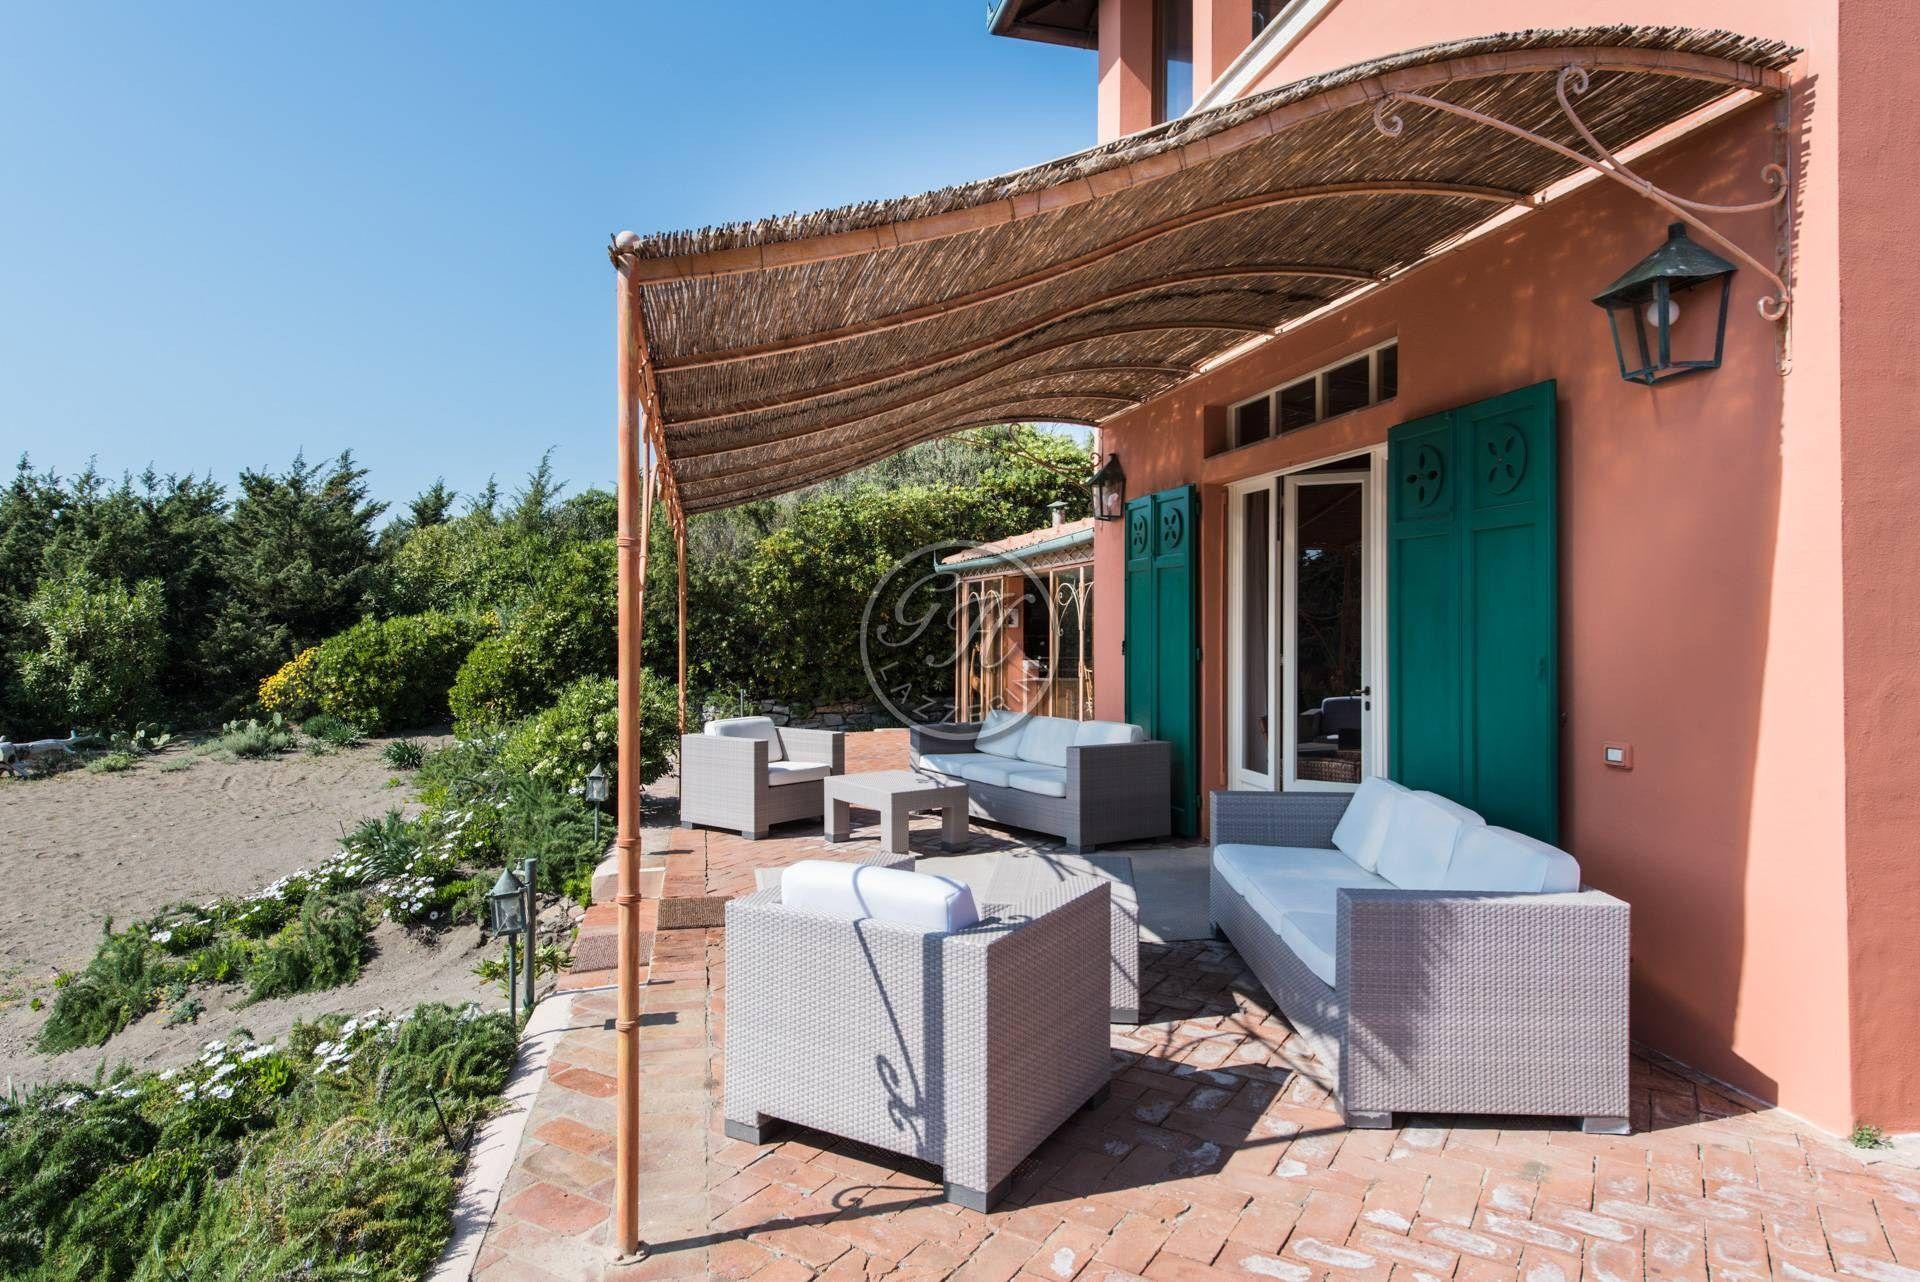 Pergolas de hierro forjado terraza rstica con muebles de - Pergola de hierro ...